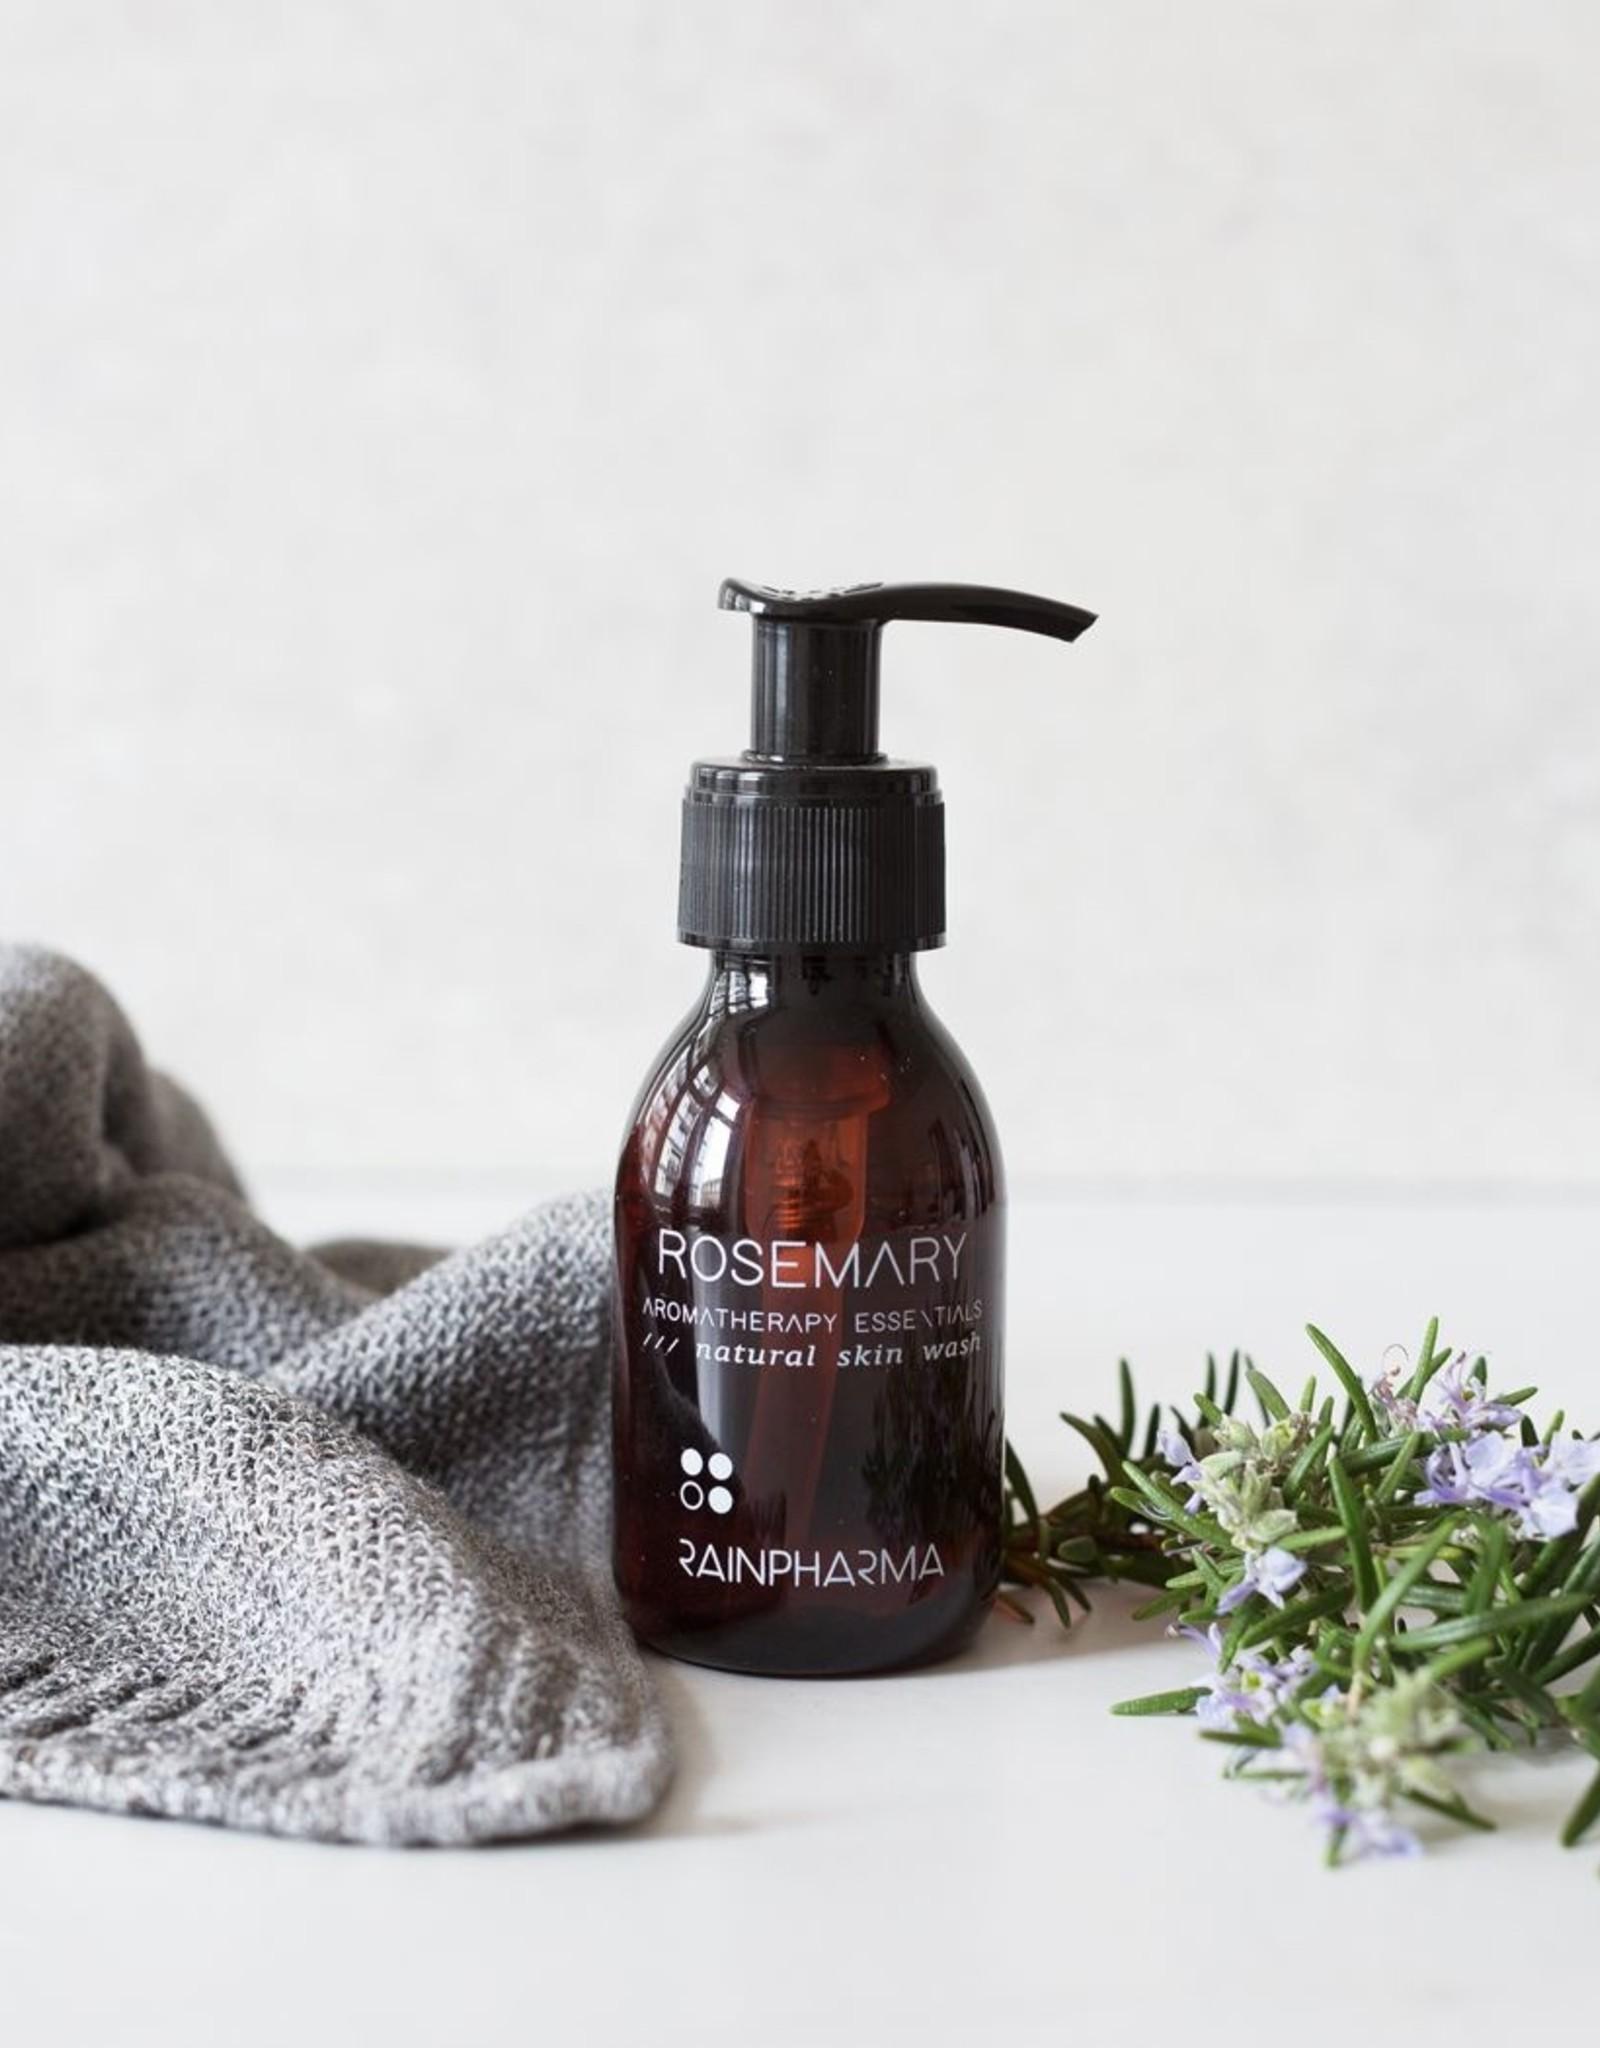 RainPharma Skin Wash Rosemary 100ml - Rainpharma